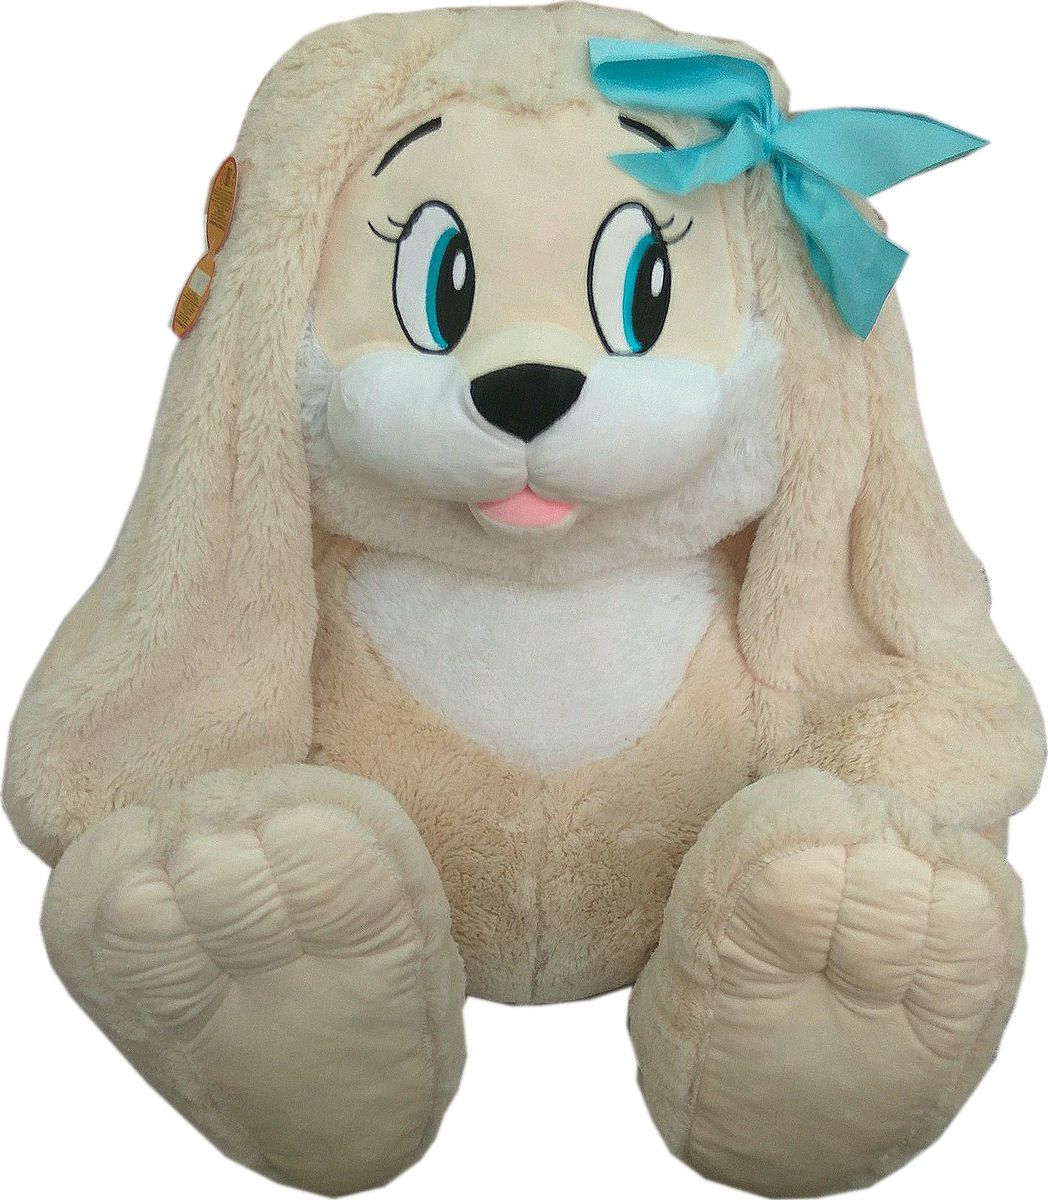 СмолТойс Мягкая игрушка Зайчик цвет молочный 45 см